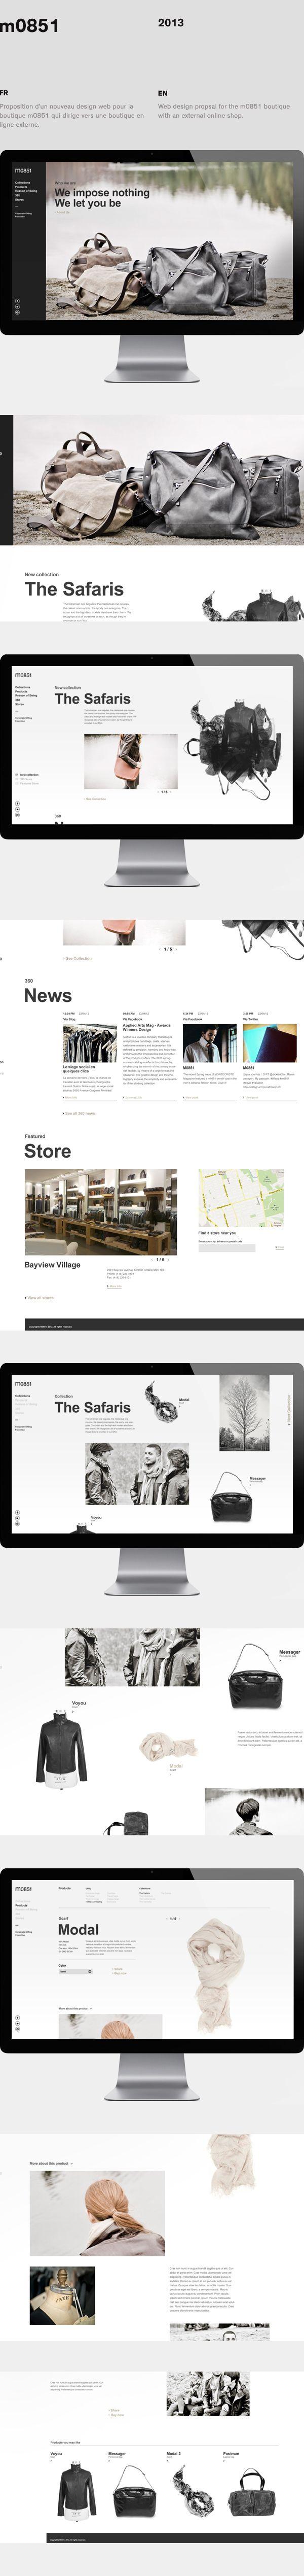 m0851 - webdesign | Design: UI/UX. Apps. Websites | Tommy V. Mathieu |